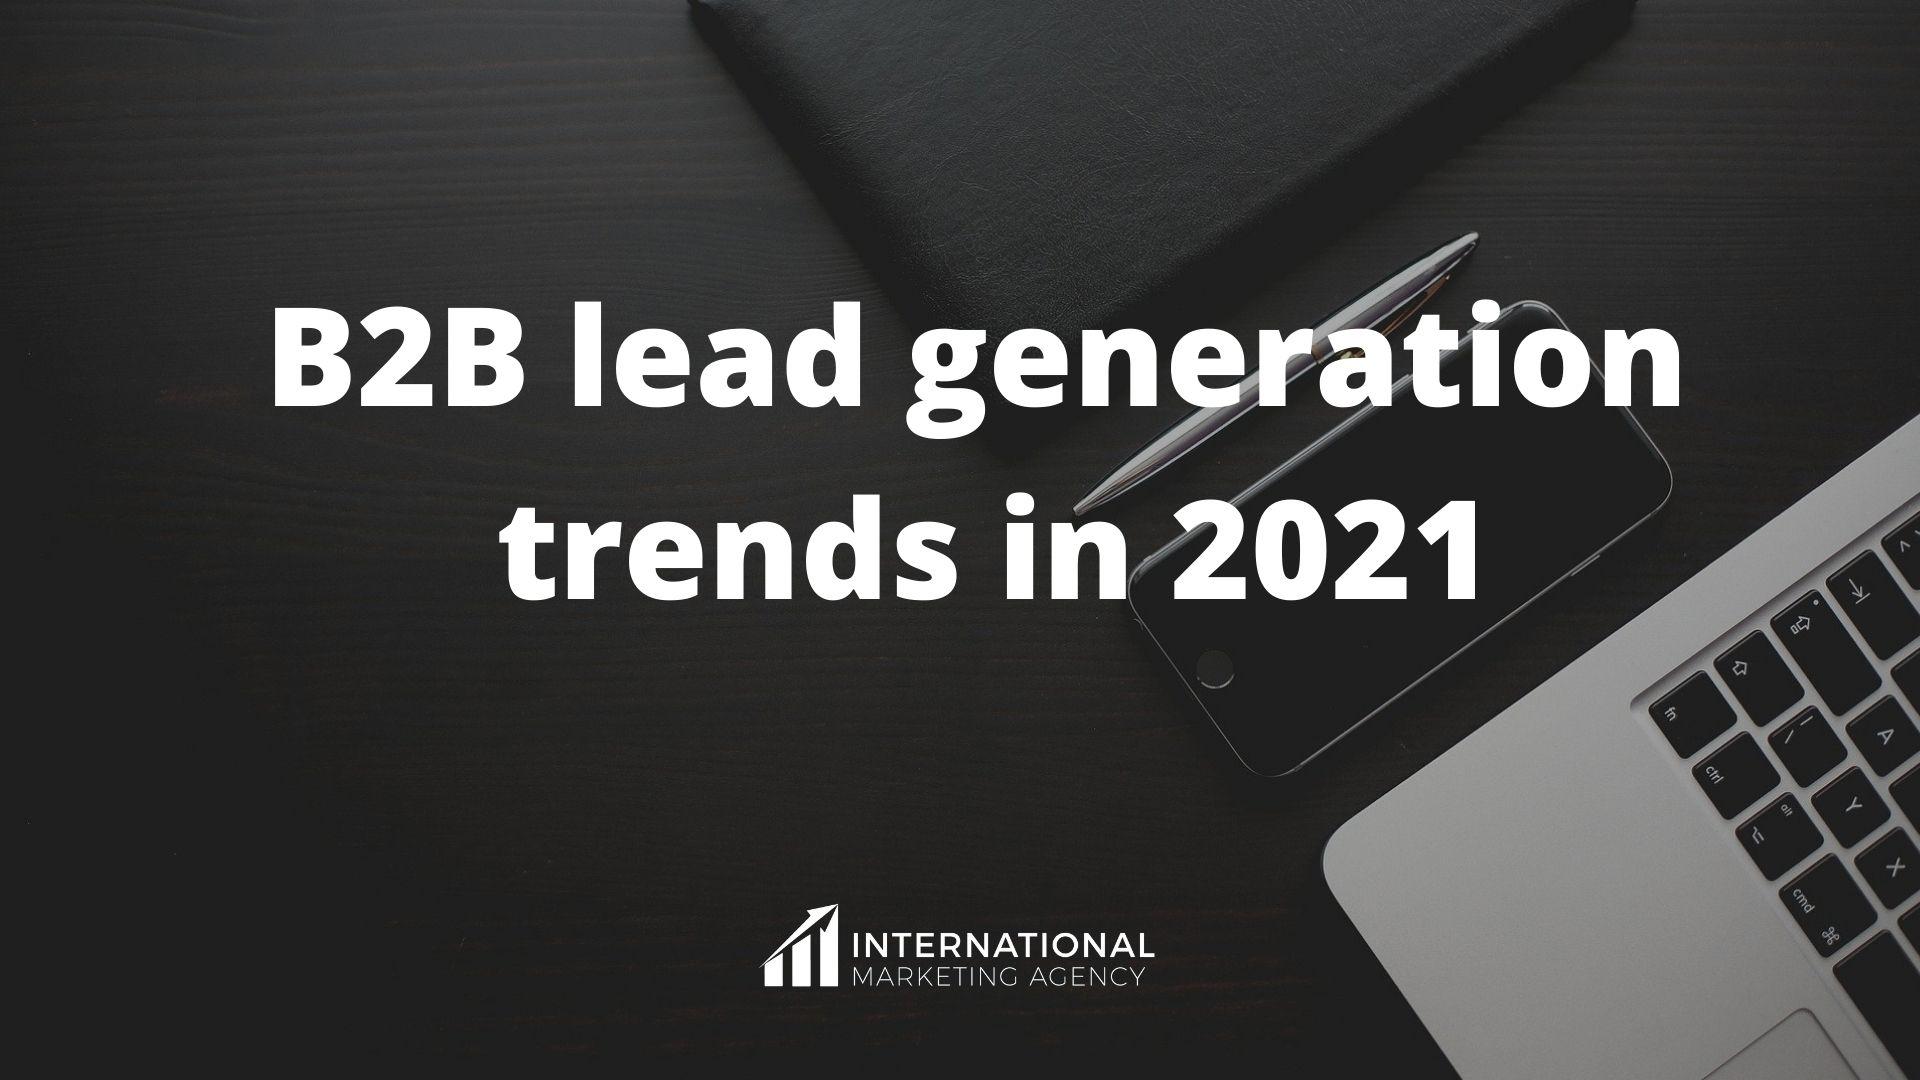 B2B lead generation trends in 2021